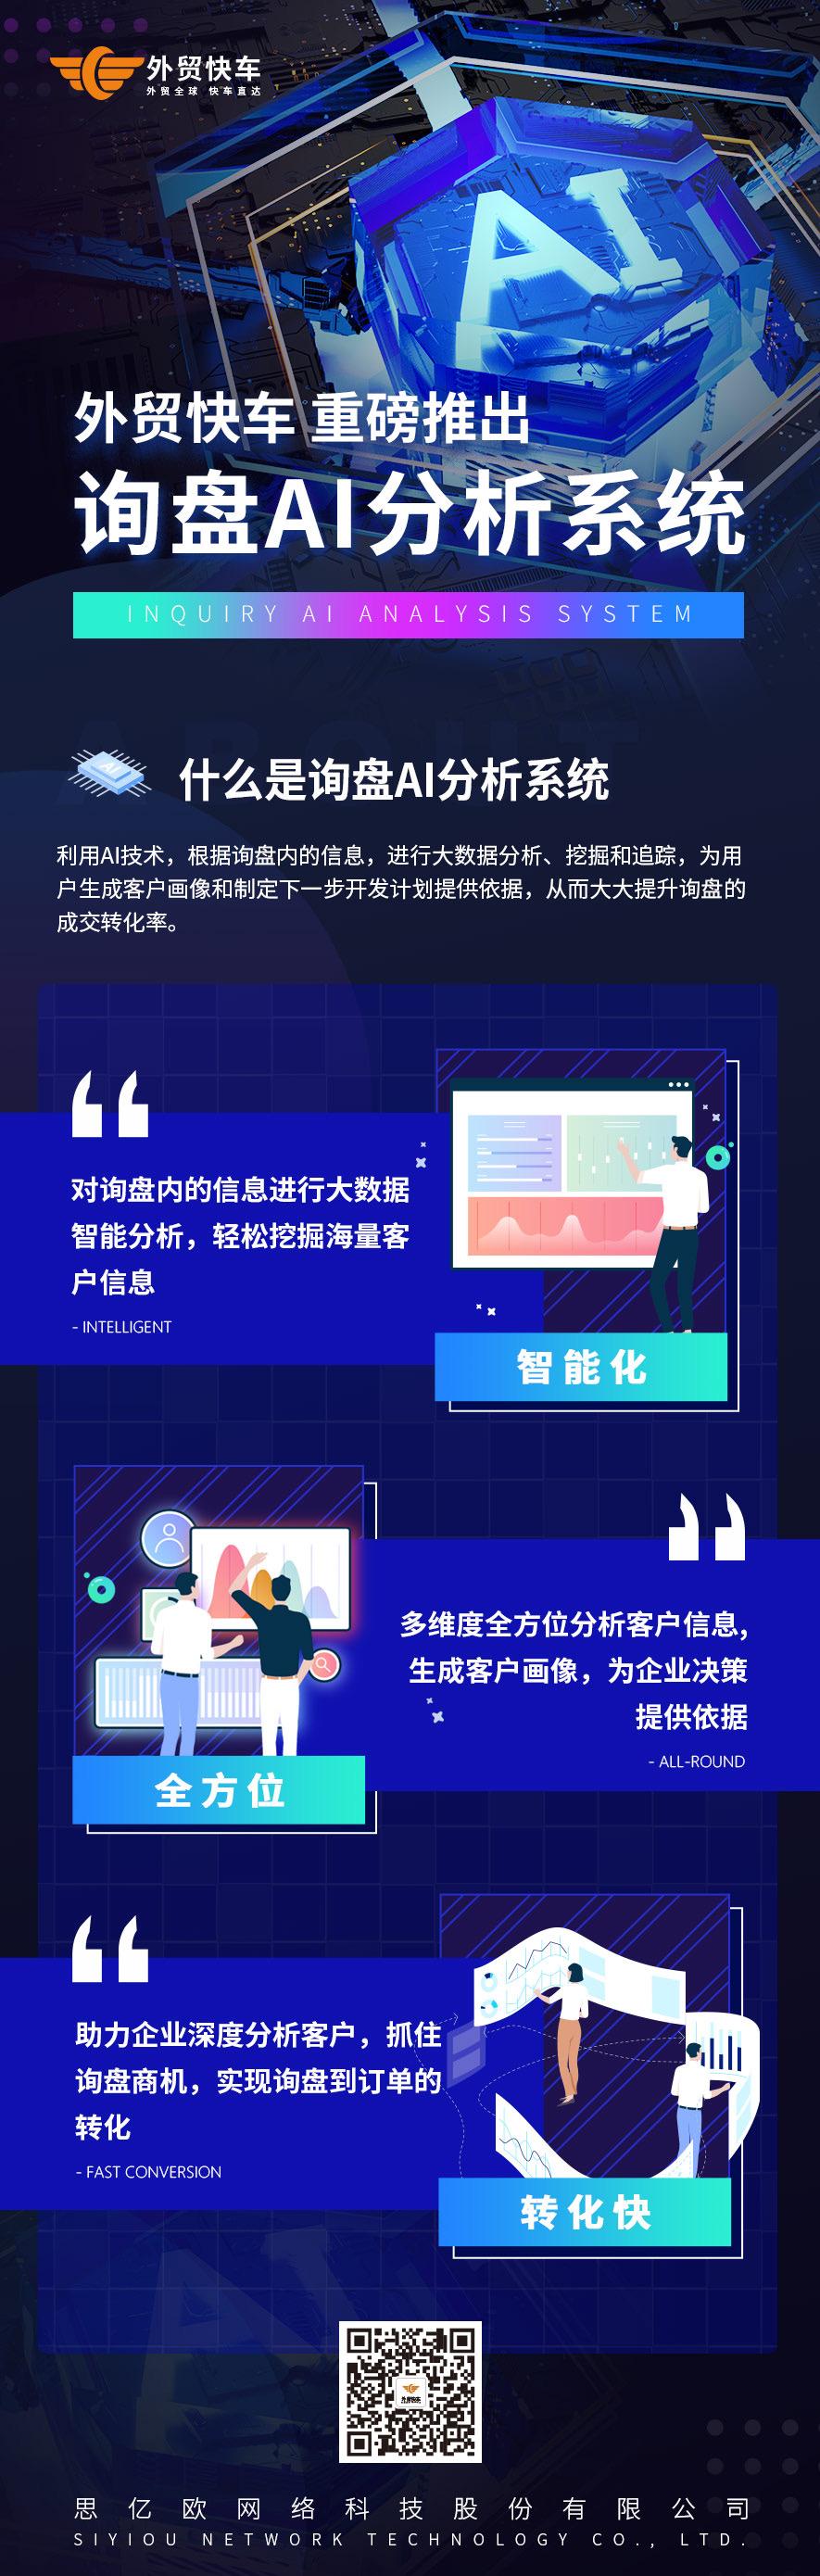 外贸快车|外贸快车询盘AI分析系统正式发布